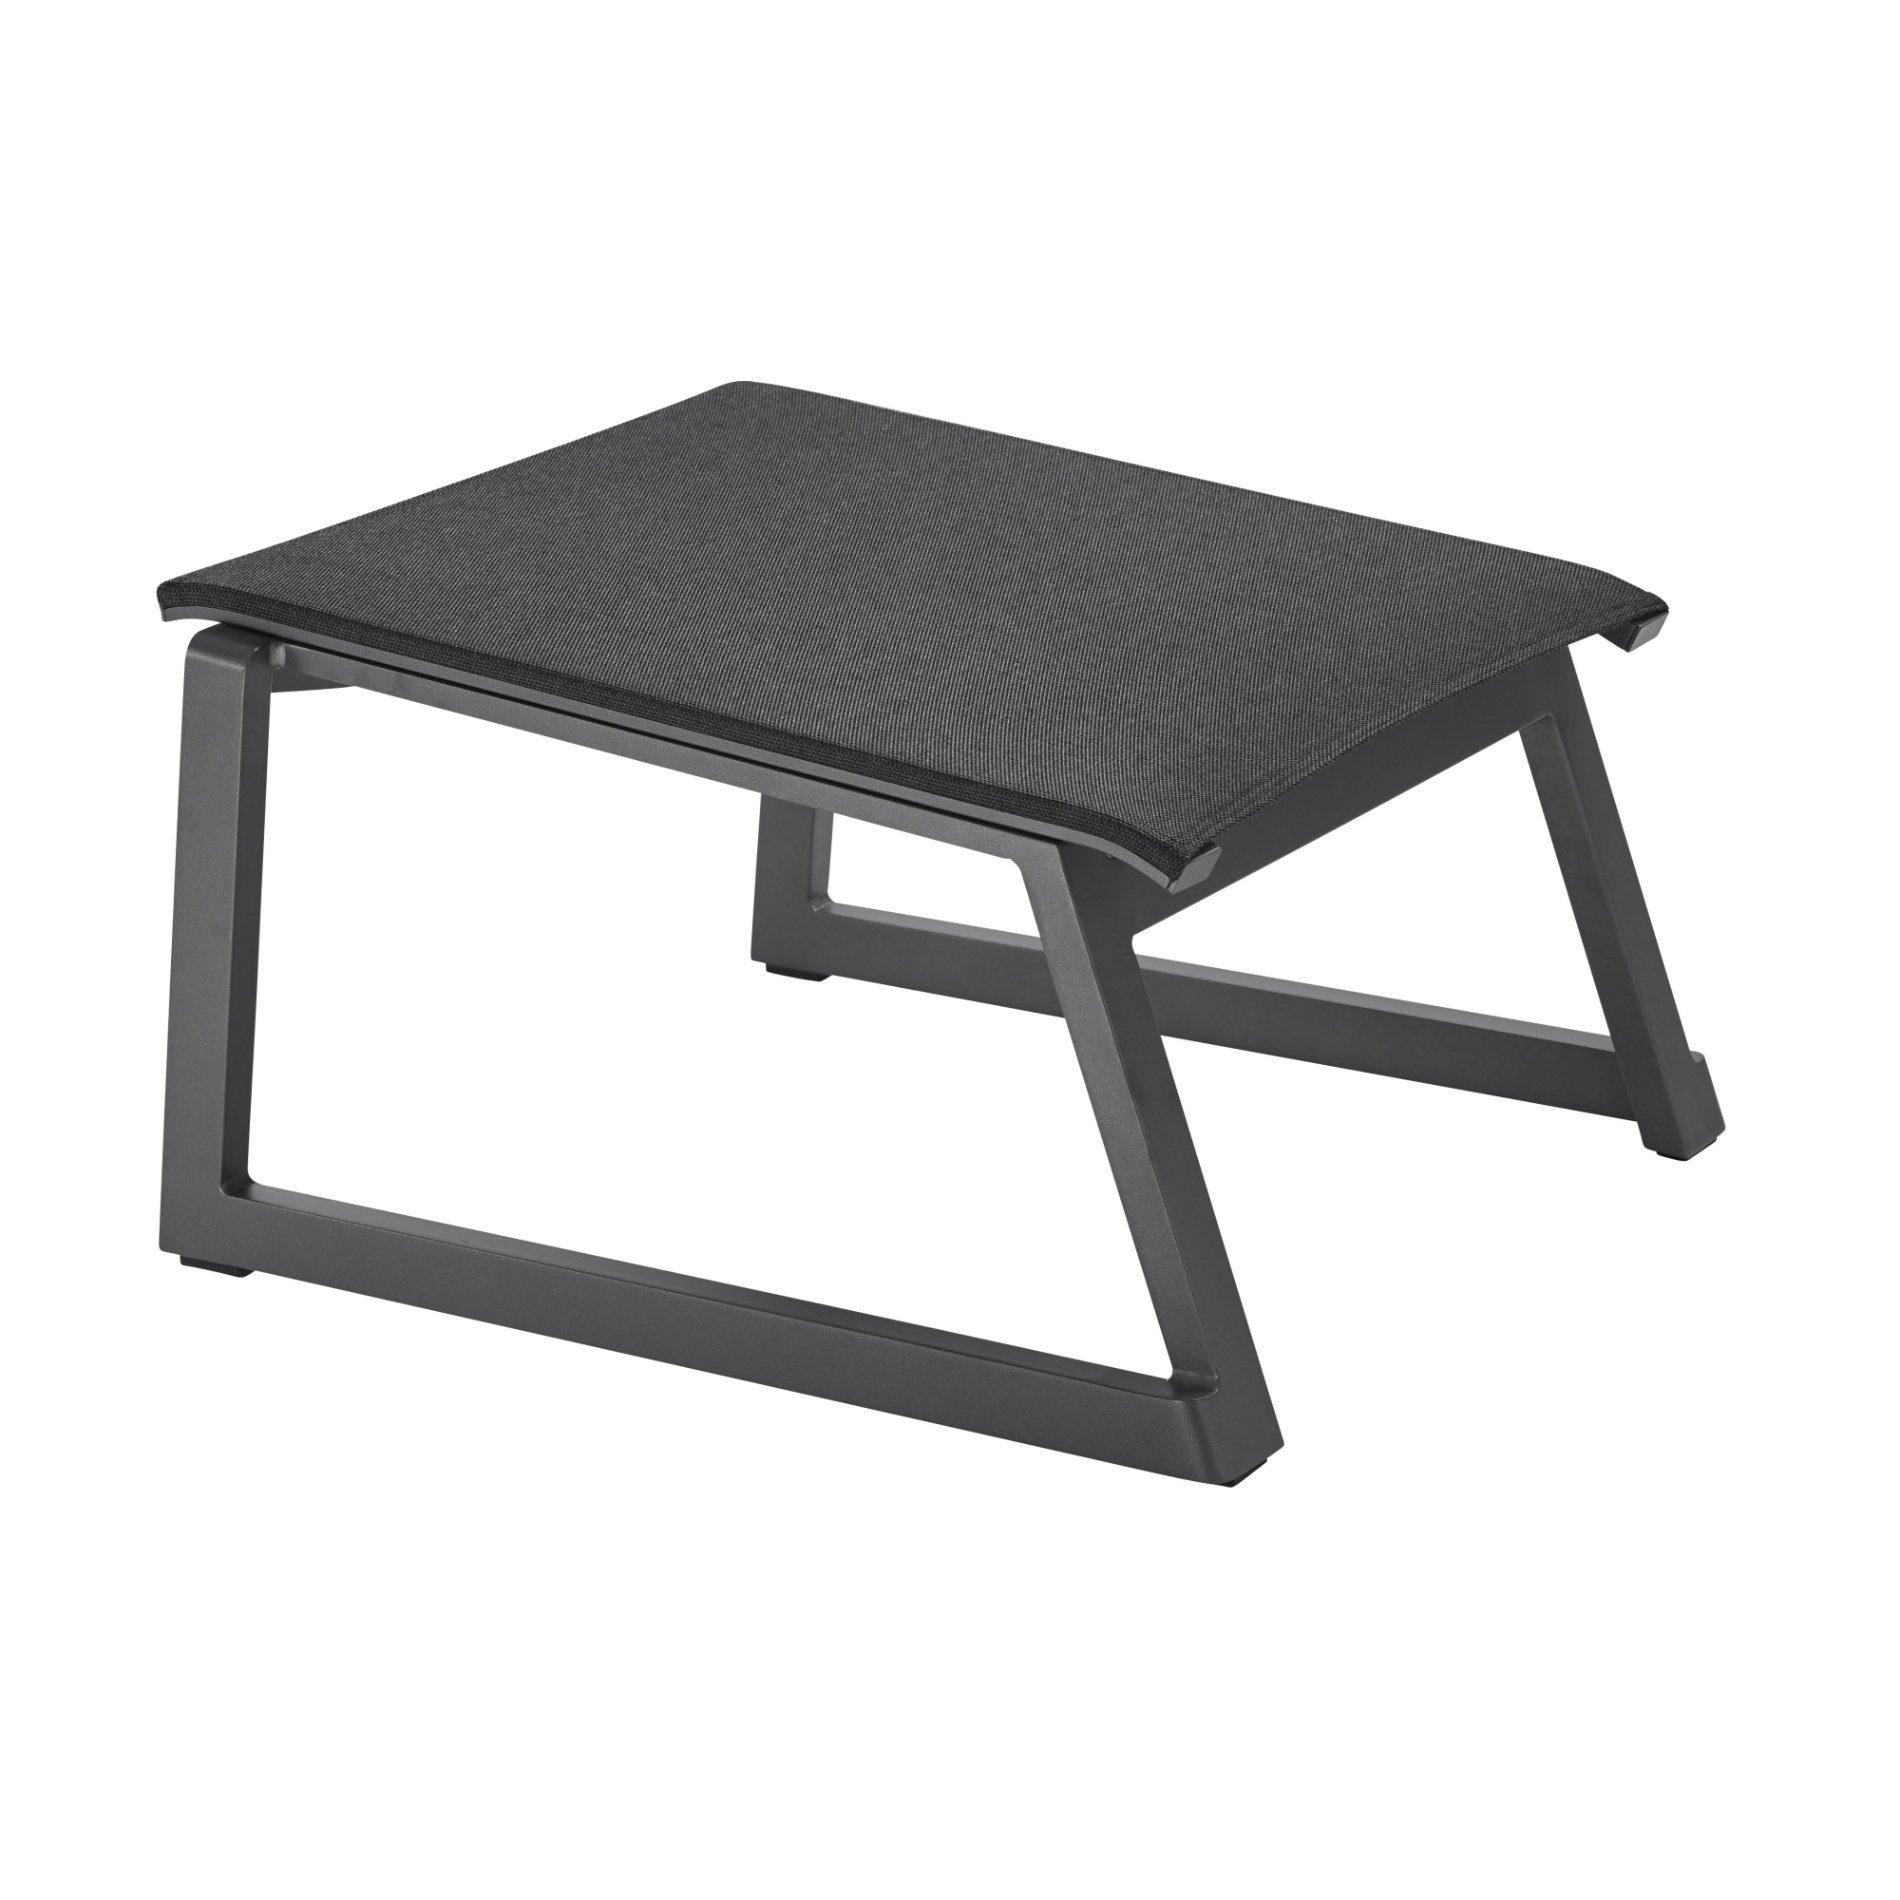 """Solpuri """"Foxx"""" Hocker zu Deck Chair, Aluminiumgestell anthrazit, Textilgewebe coal"""